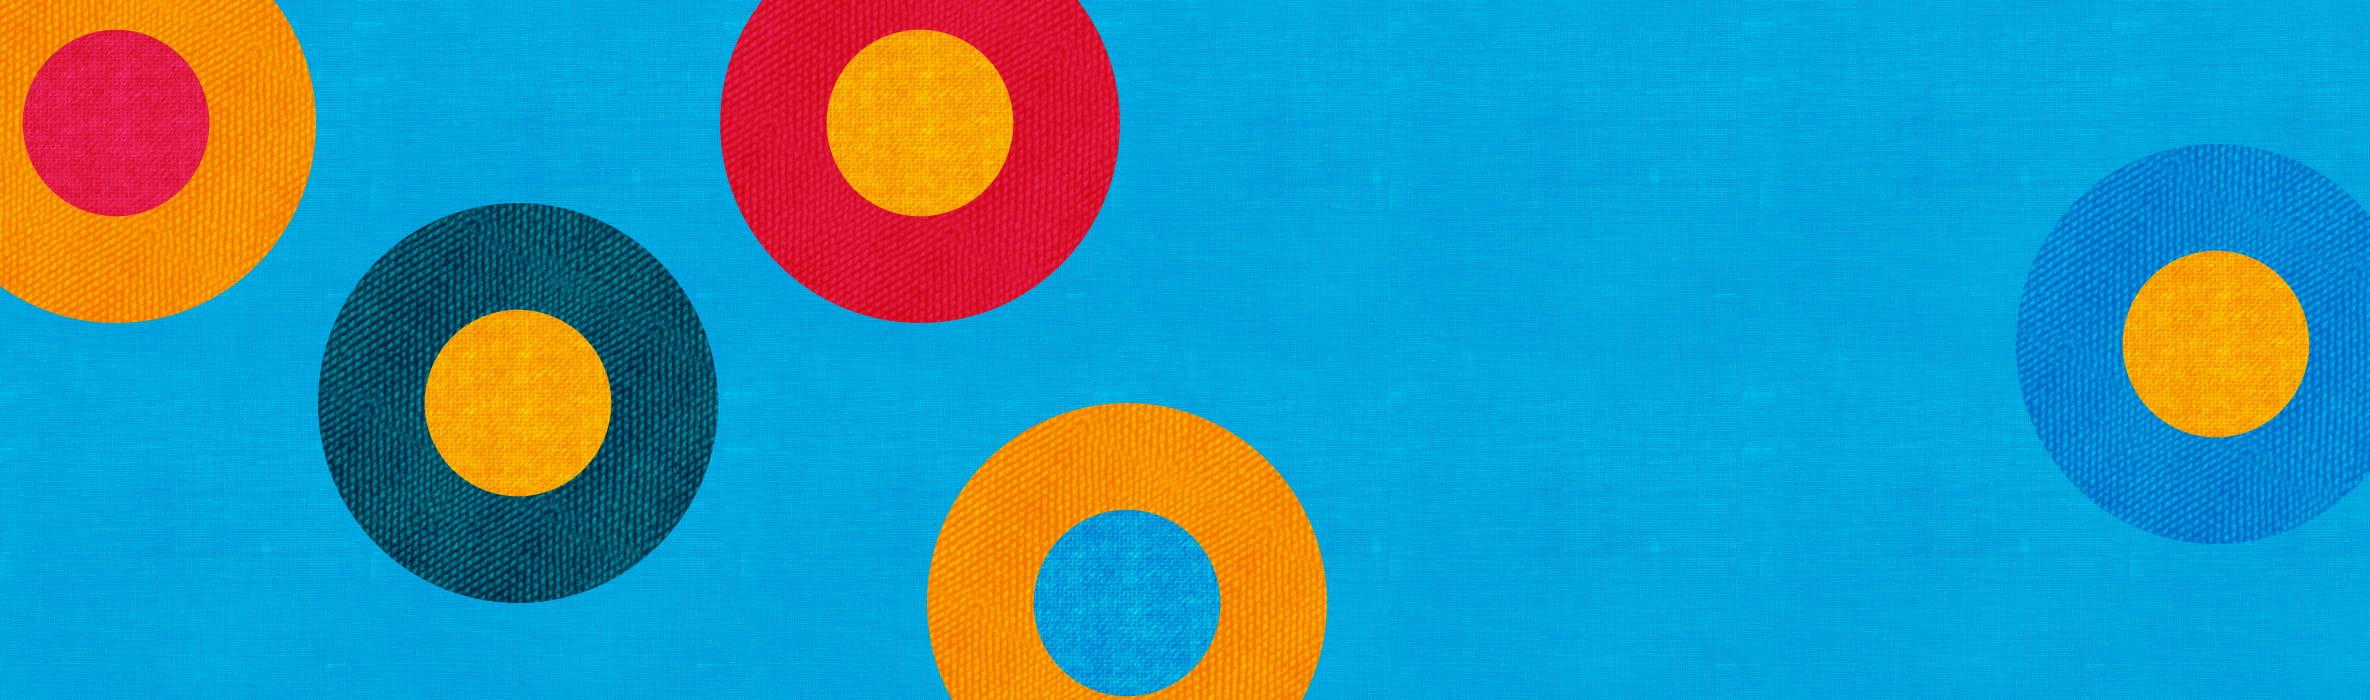 Veelkleurige cirkels op een blauwe achtergrond